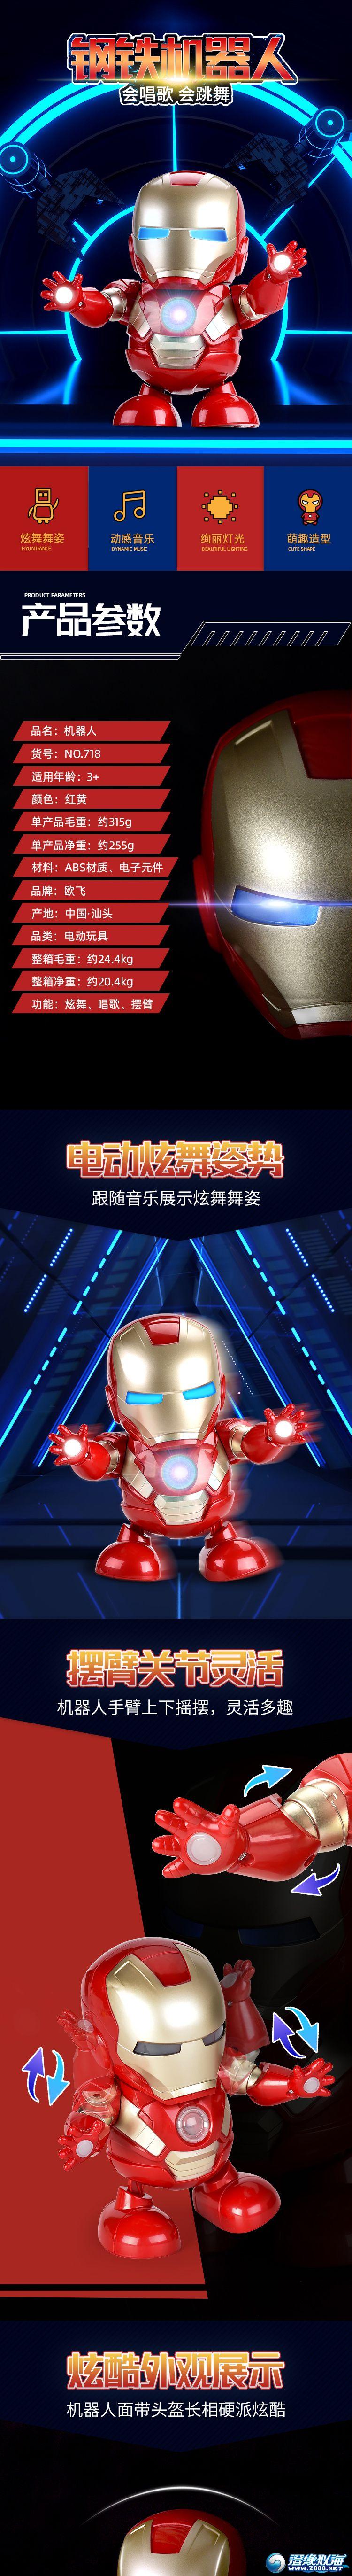 欧飞玩具厂-718-机器人-中文详情页_01.jpg